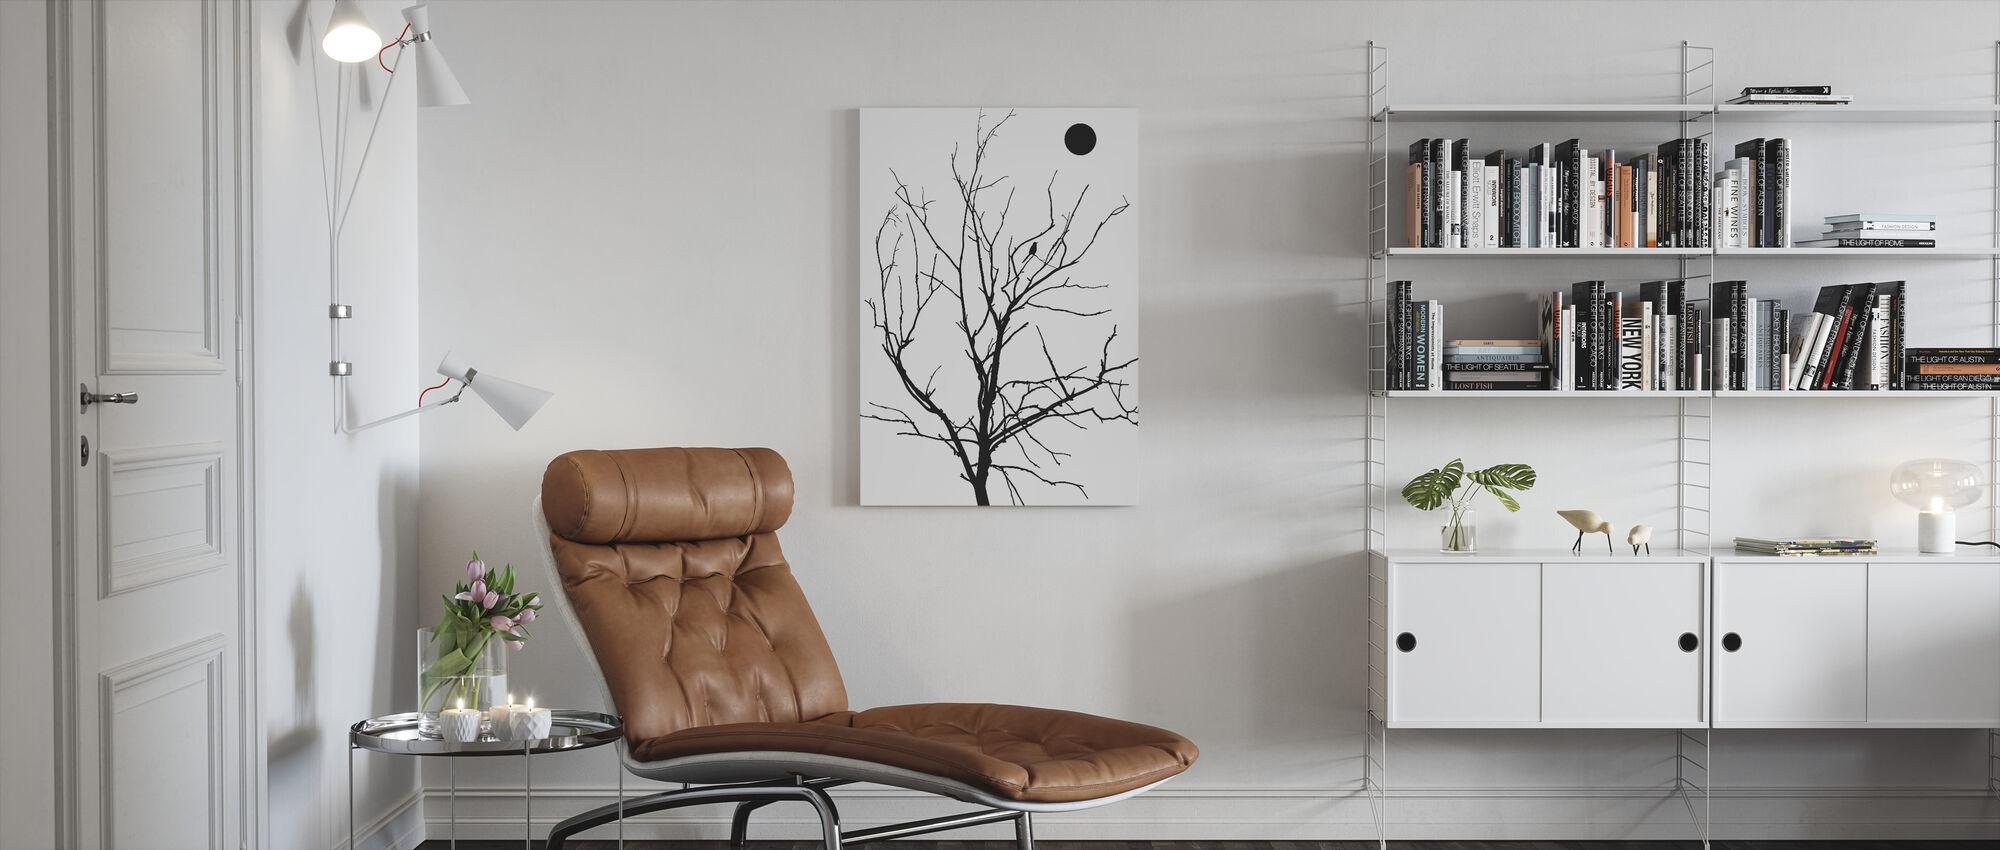 Einsamer Vogel Tagessonne - Leinwandbild - Wohnzimmer